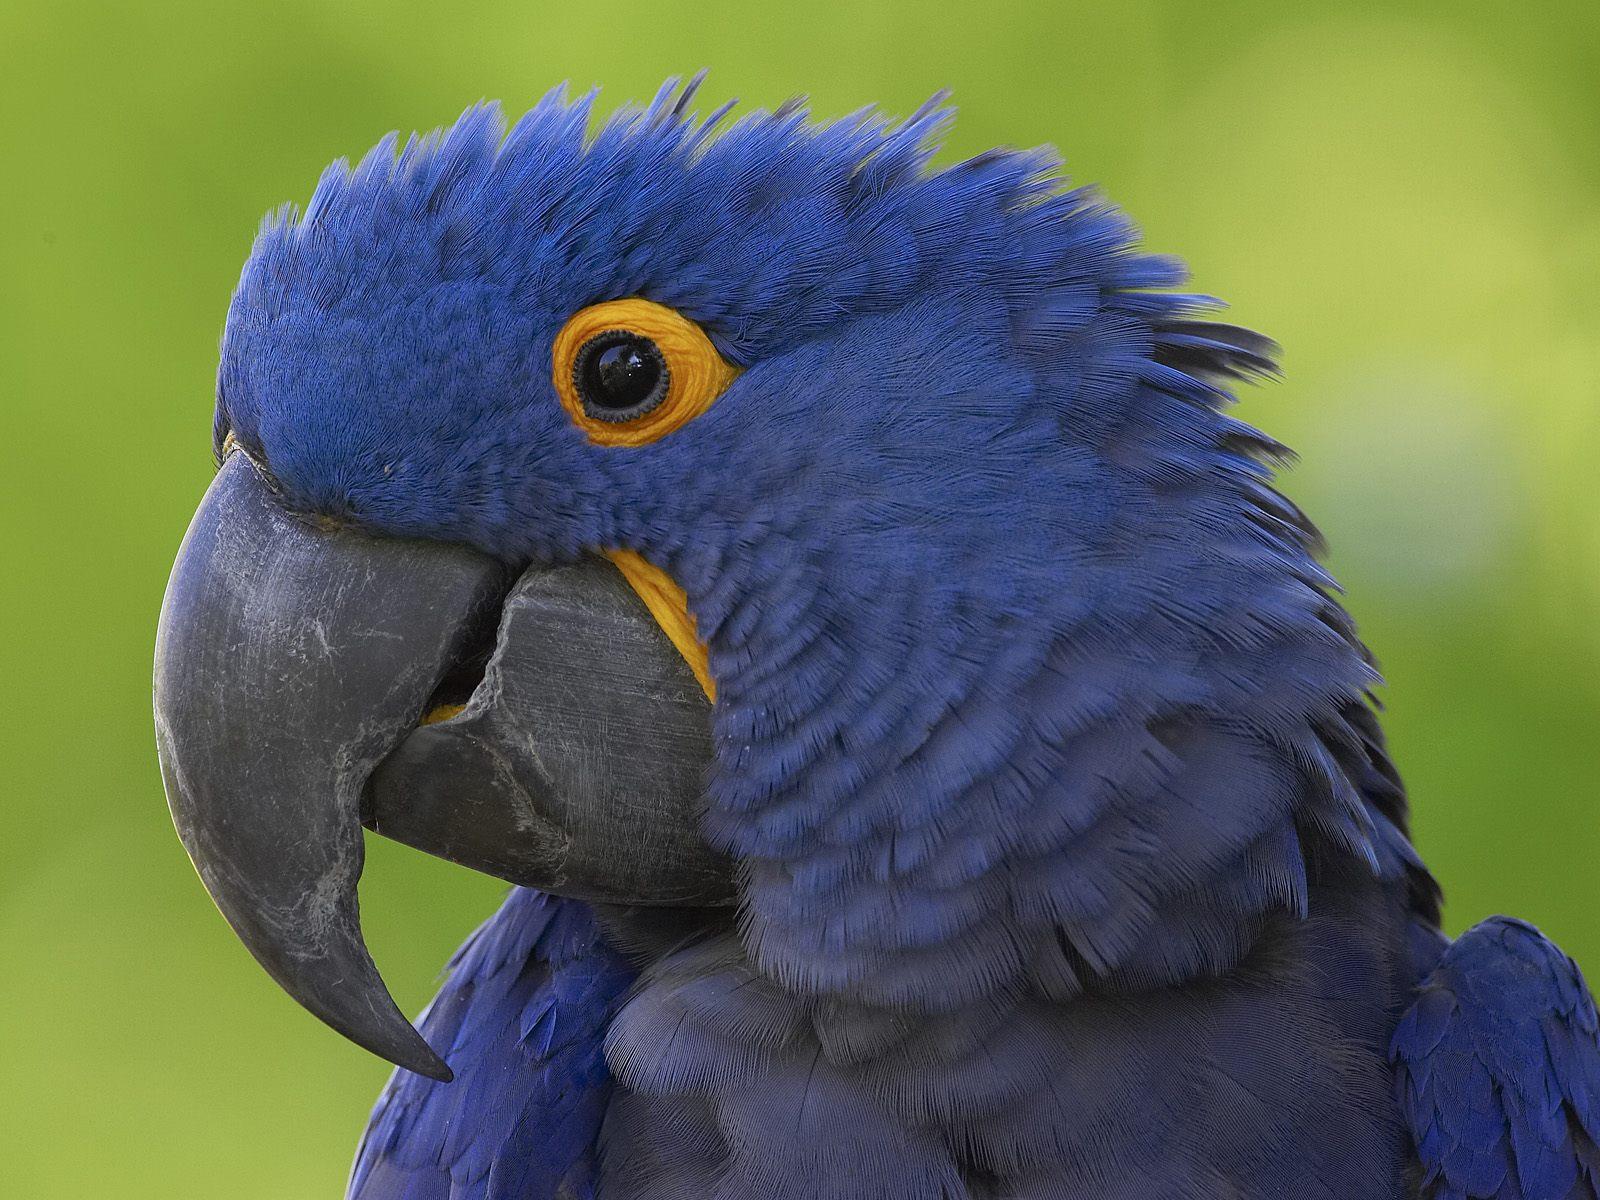 BLUE BIRD IMAGE WALLPAPER   331   HD Wallpapers   [WallpapersInHQ 1600x1200